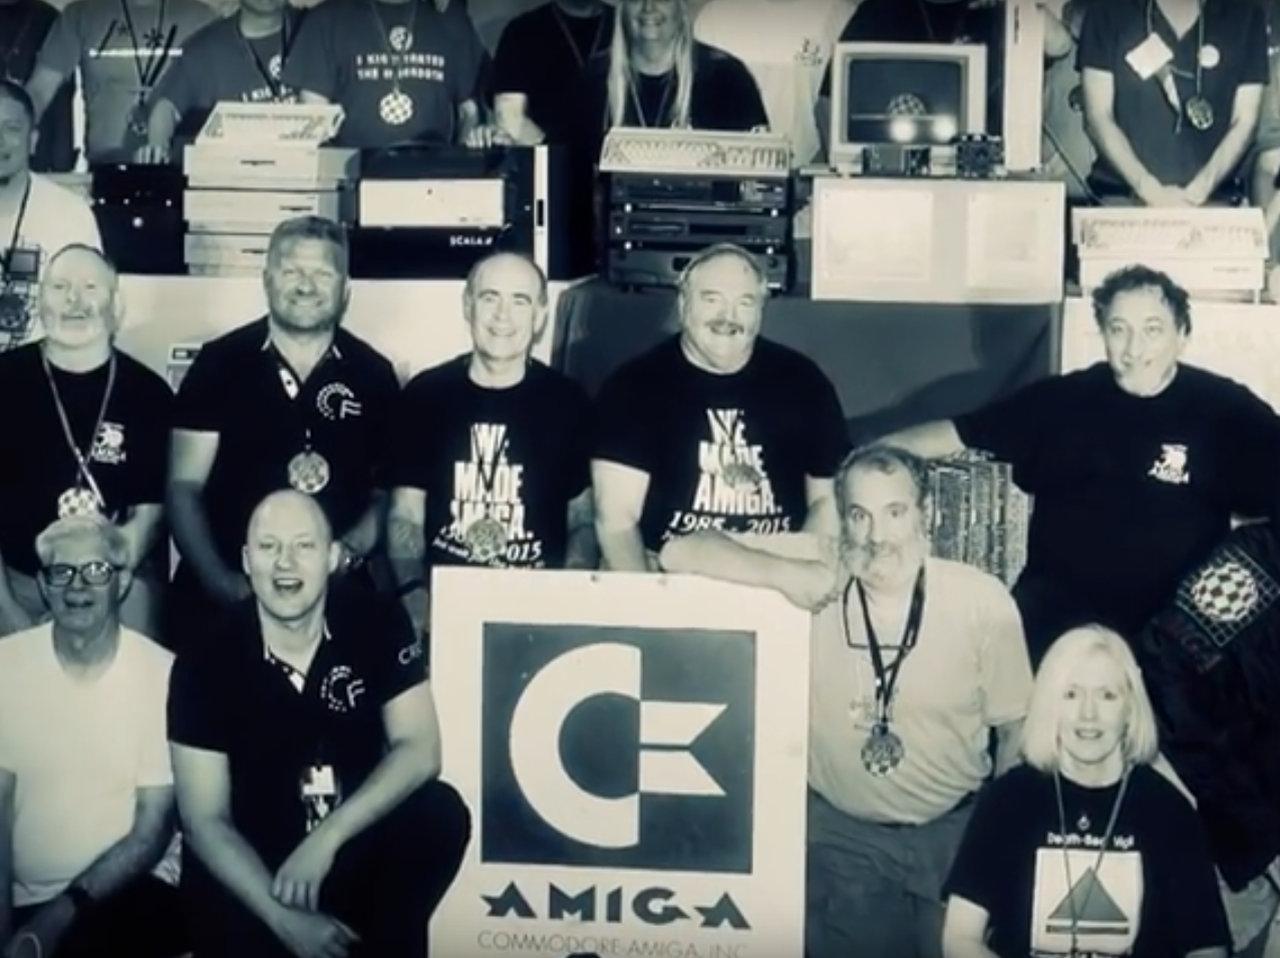 Das Amiga-Entwicklungsteam. (Bild: youtube.com)